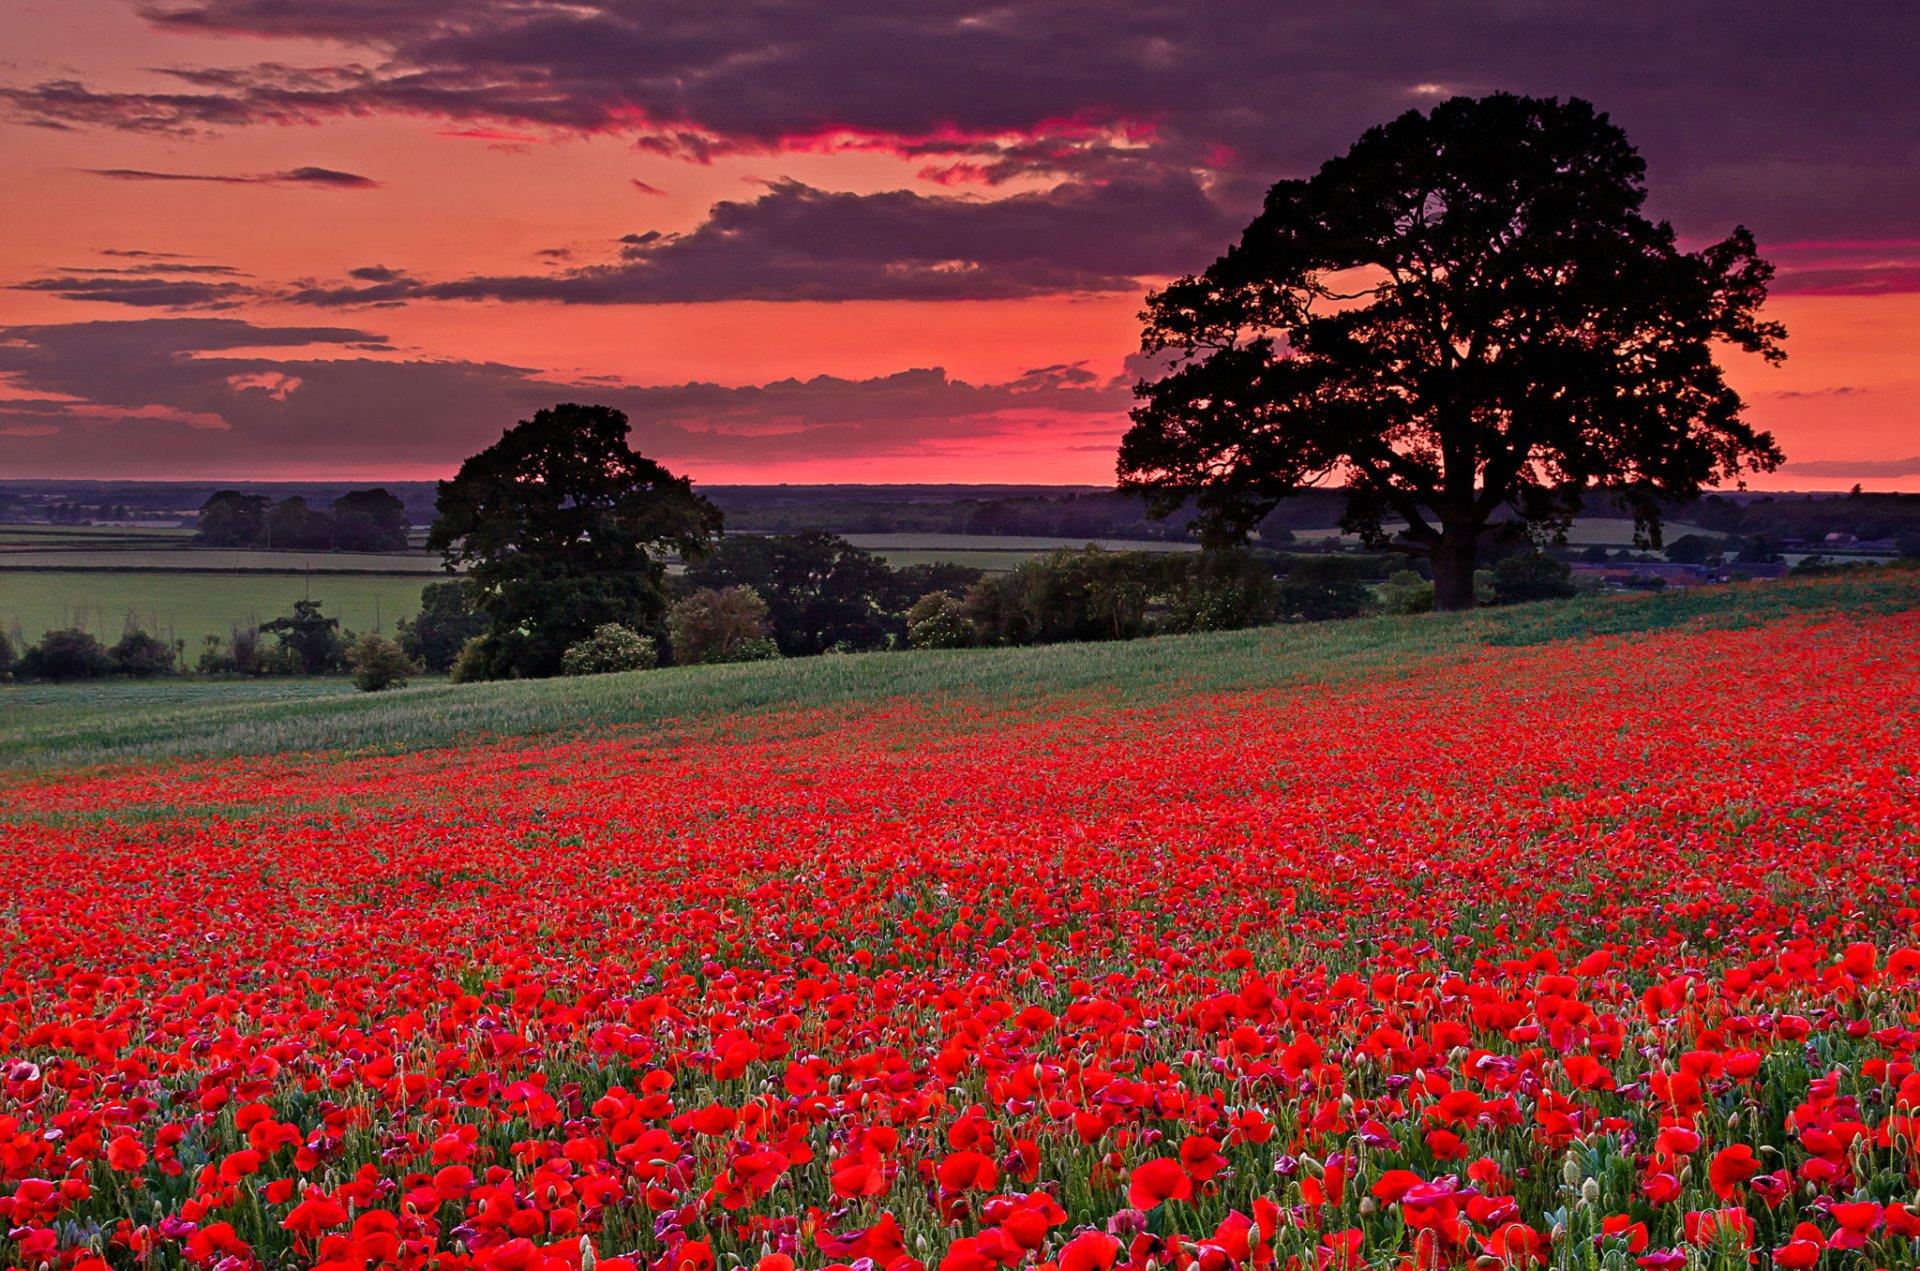 картинки с полем красными цветами и дорогой убийцы настаивал